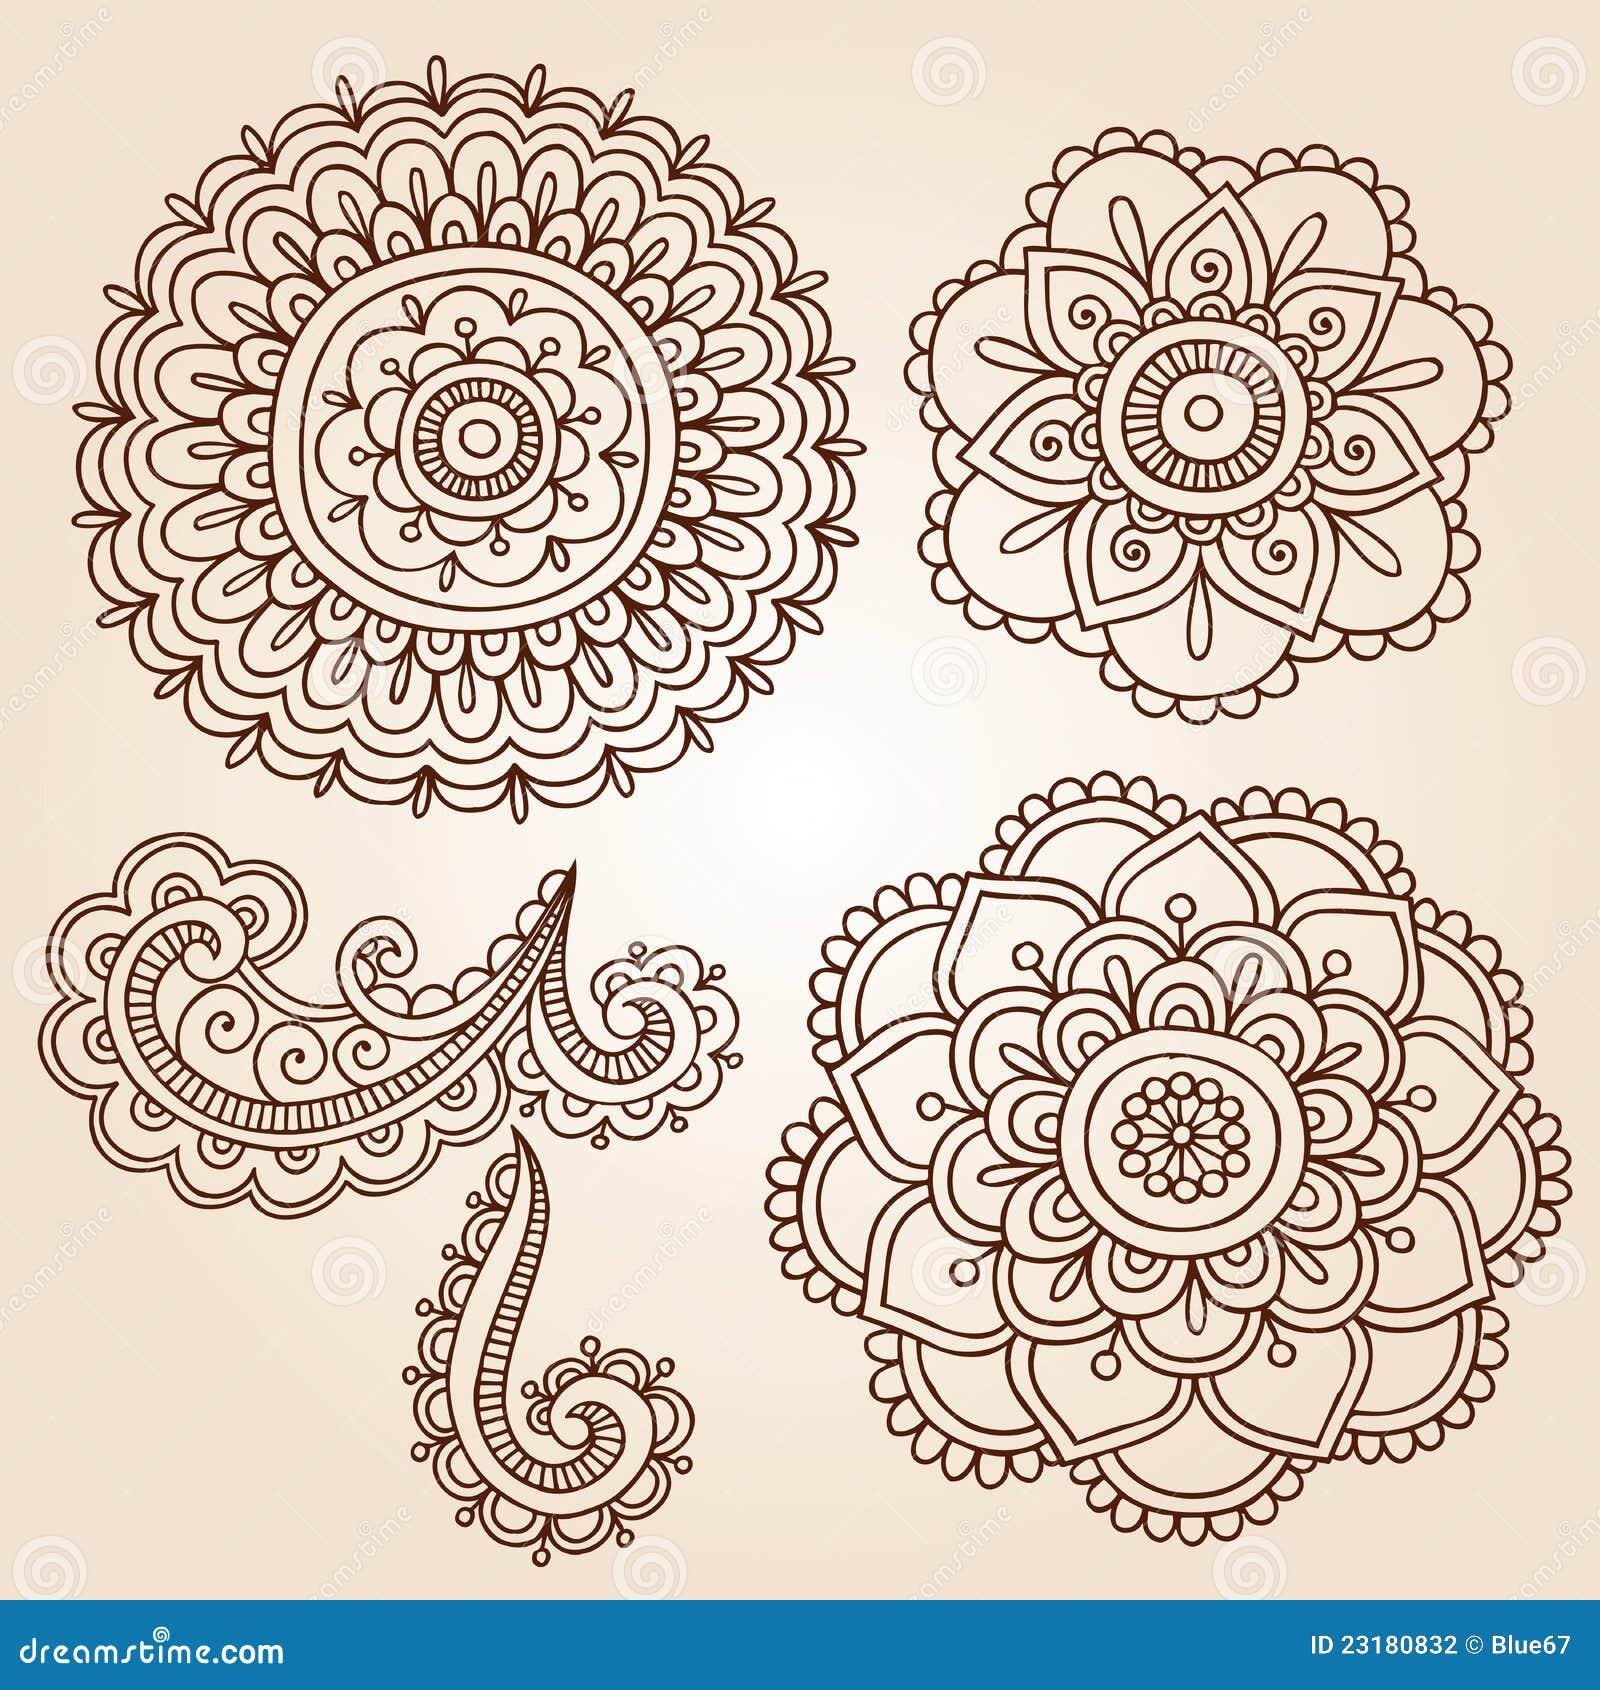 Dise os del vector del doodle de la mandala de la flor del for Disenos de mandalas